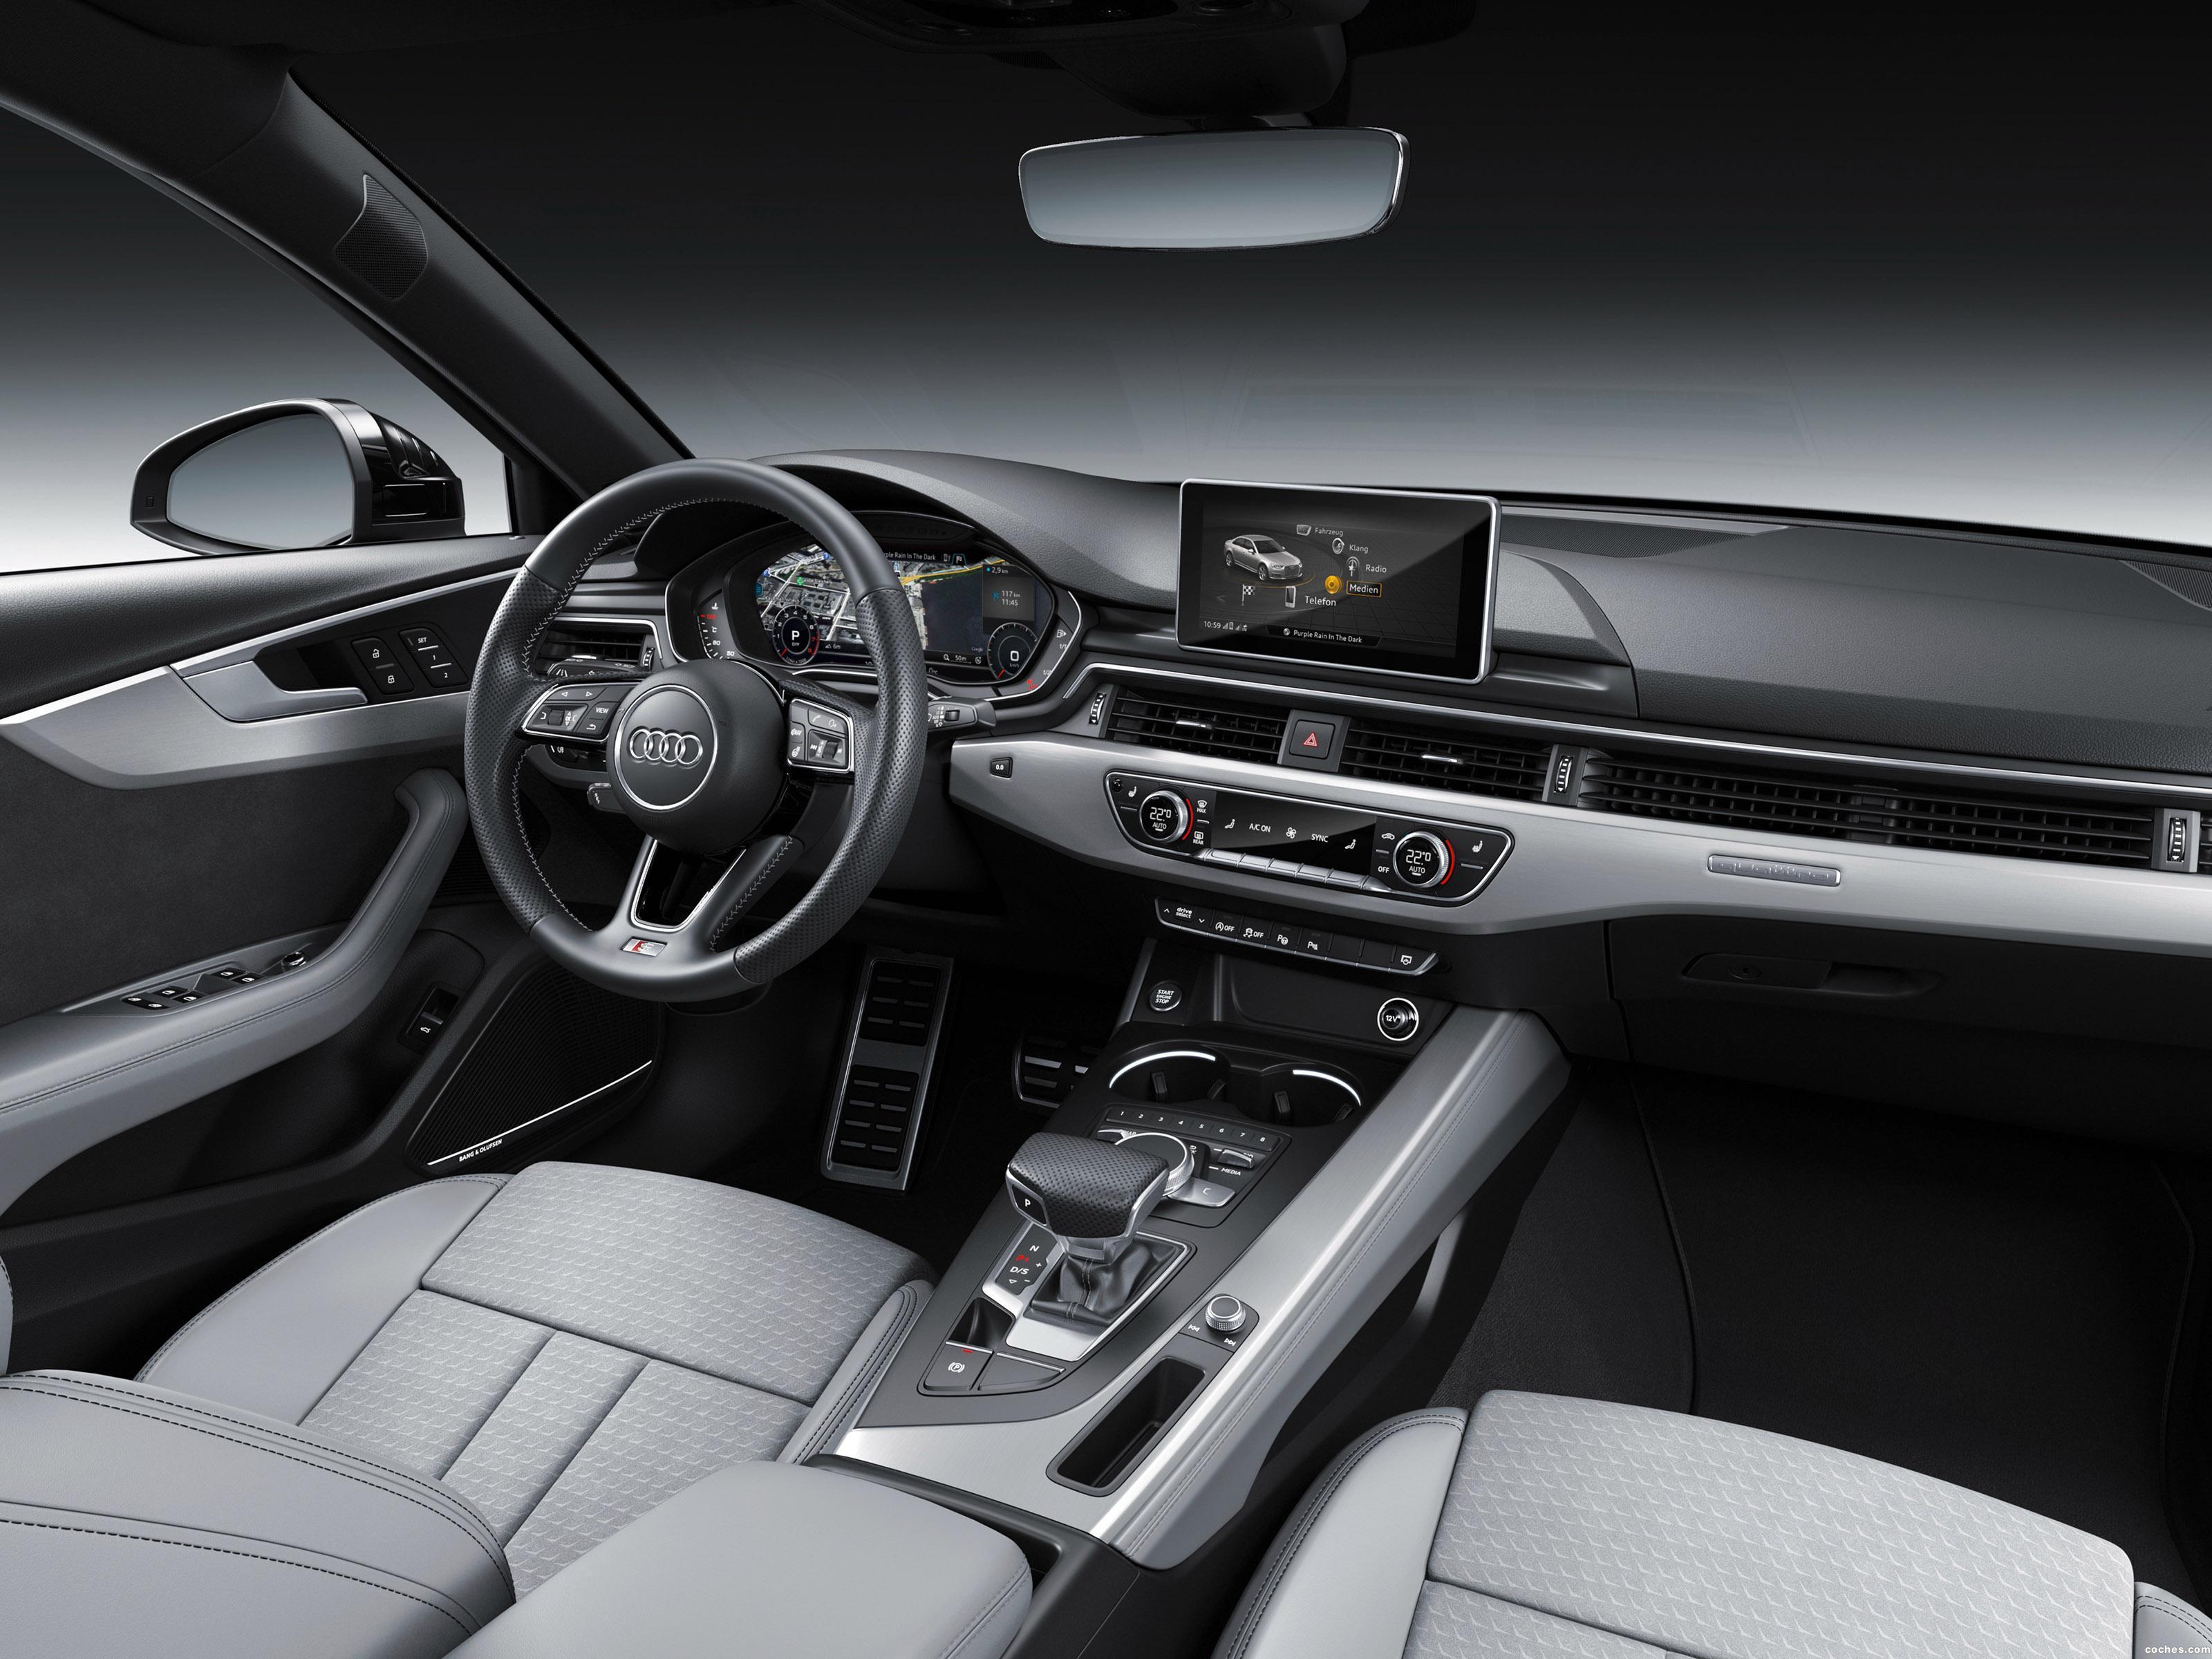 Foto 14 de Audi A4 S Line Quattro 2016